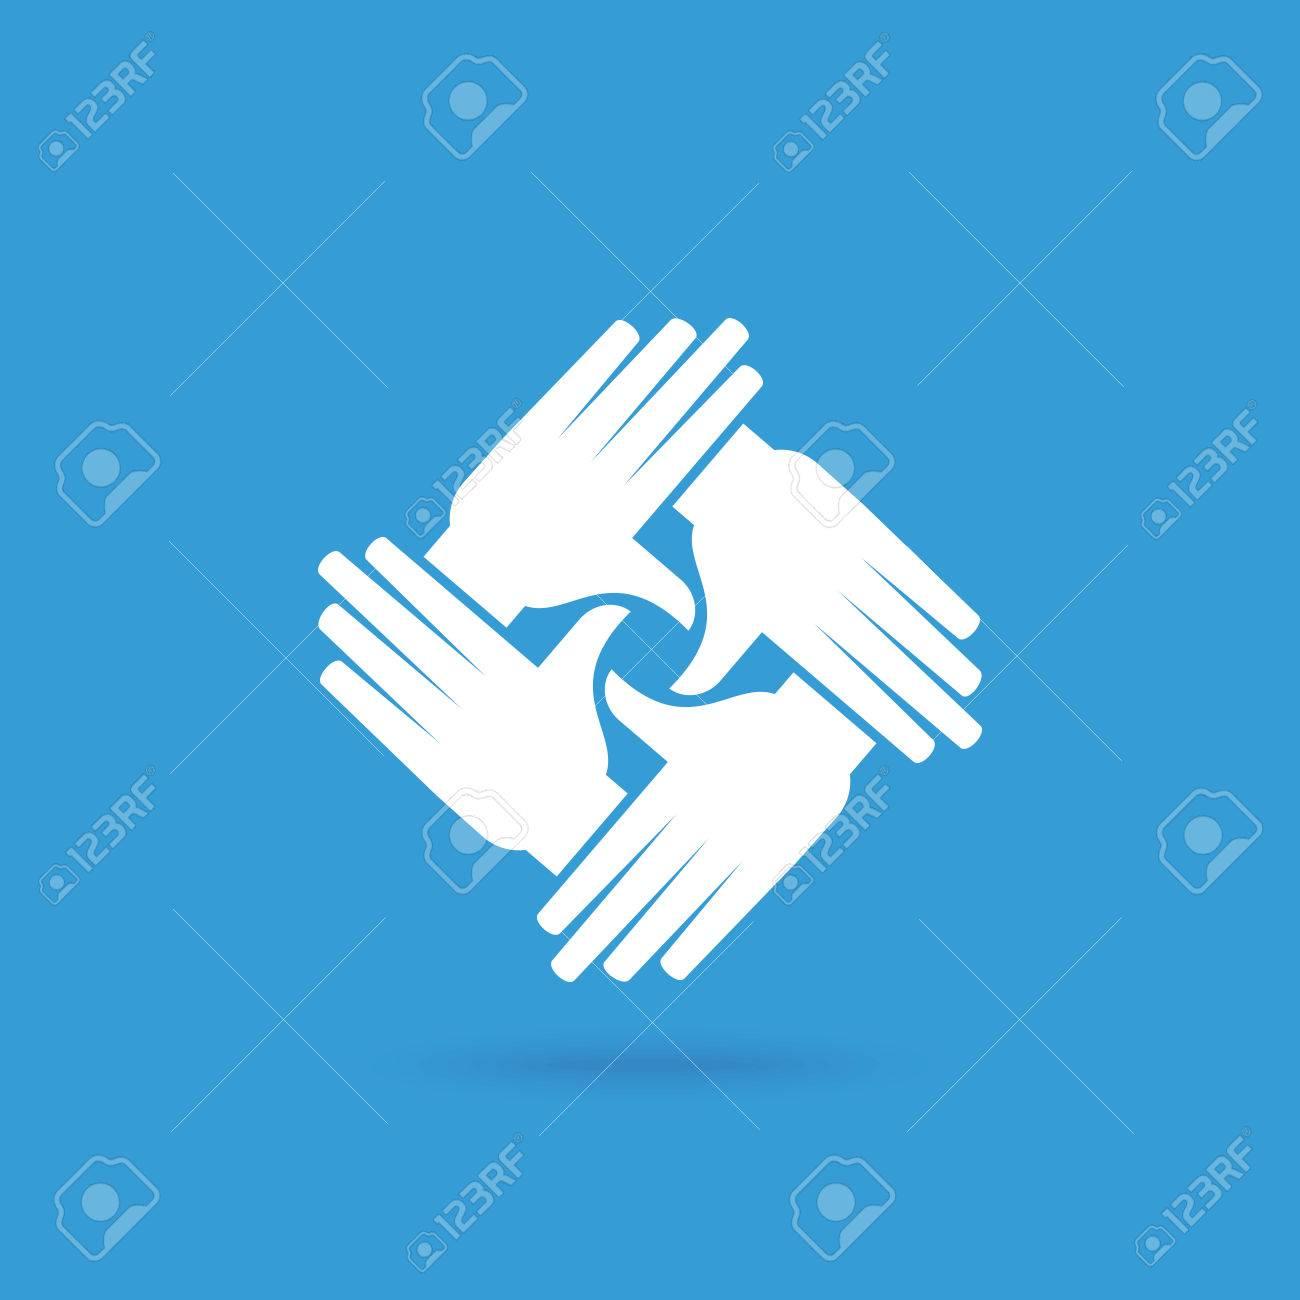 Teamwork People, Holding hands. Design for teamwork concept illustration - 62247657